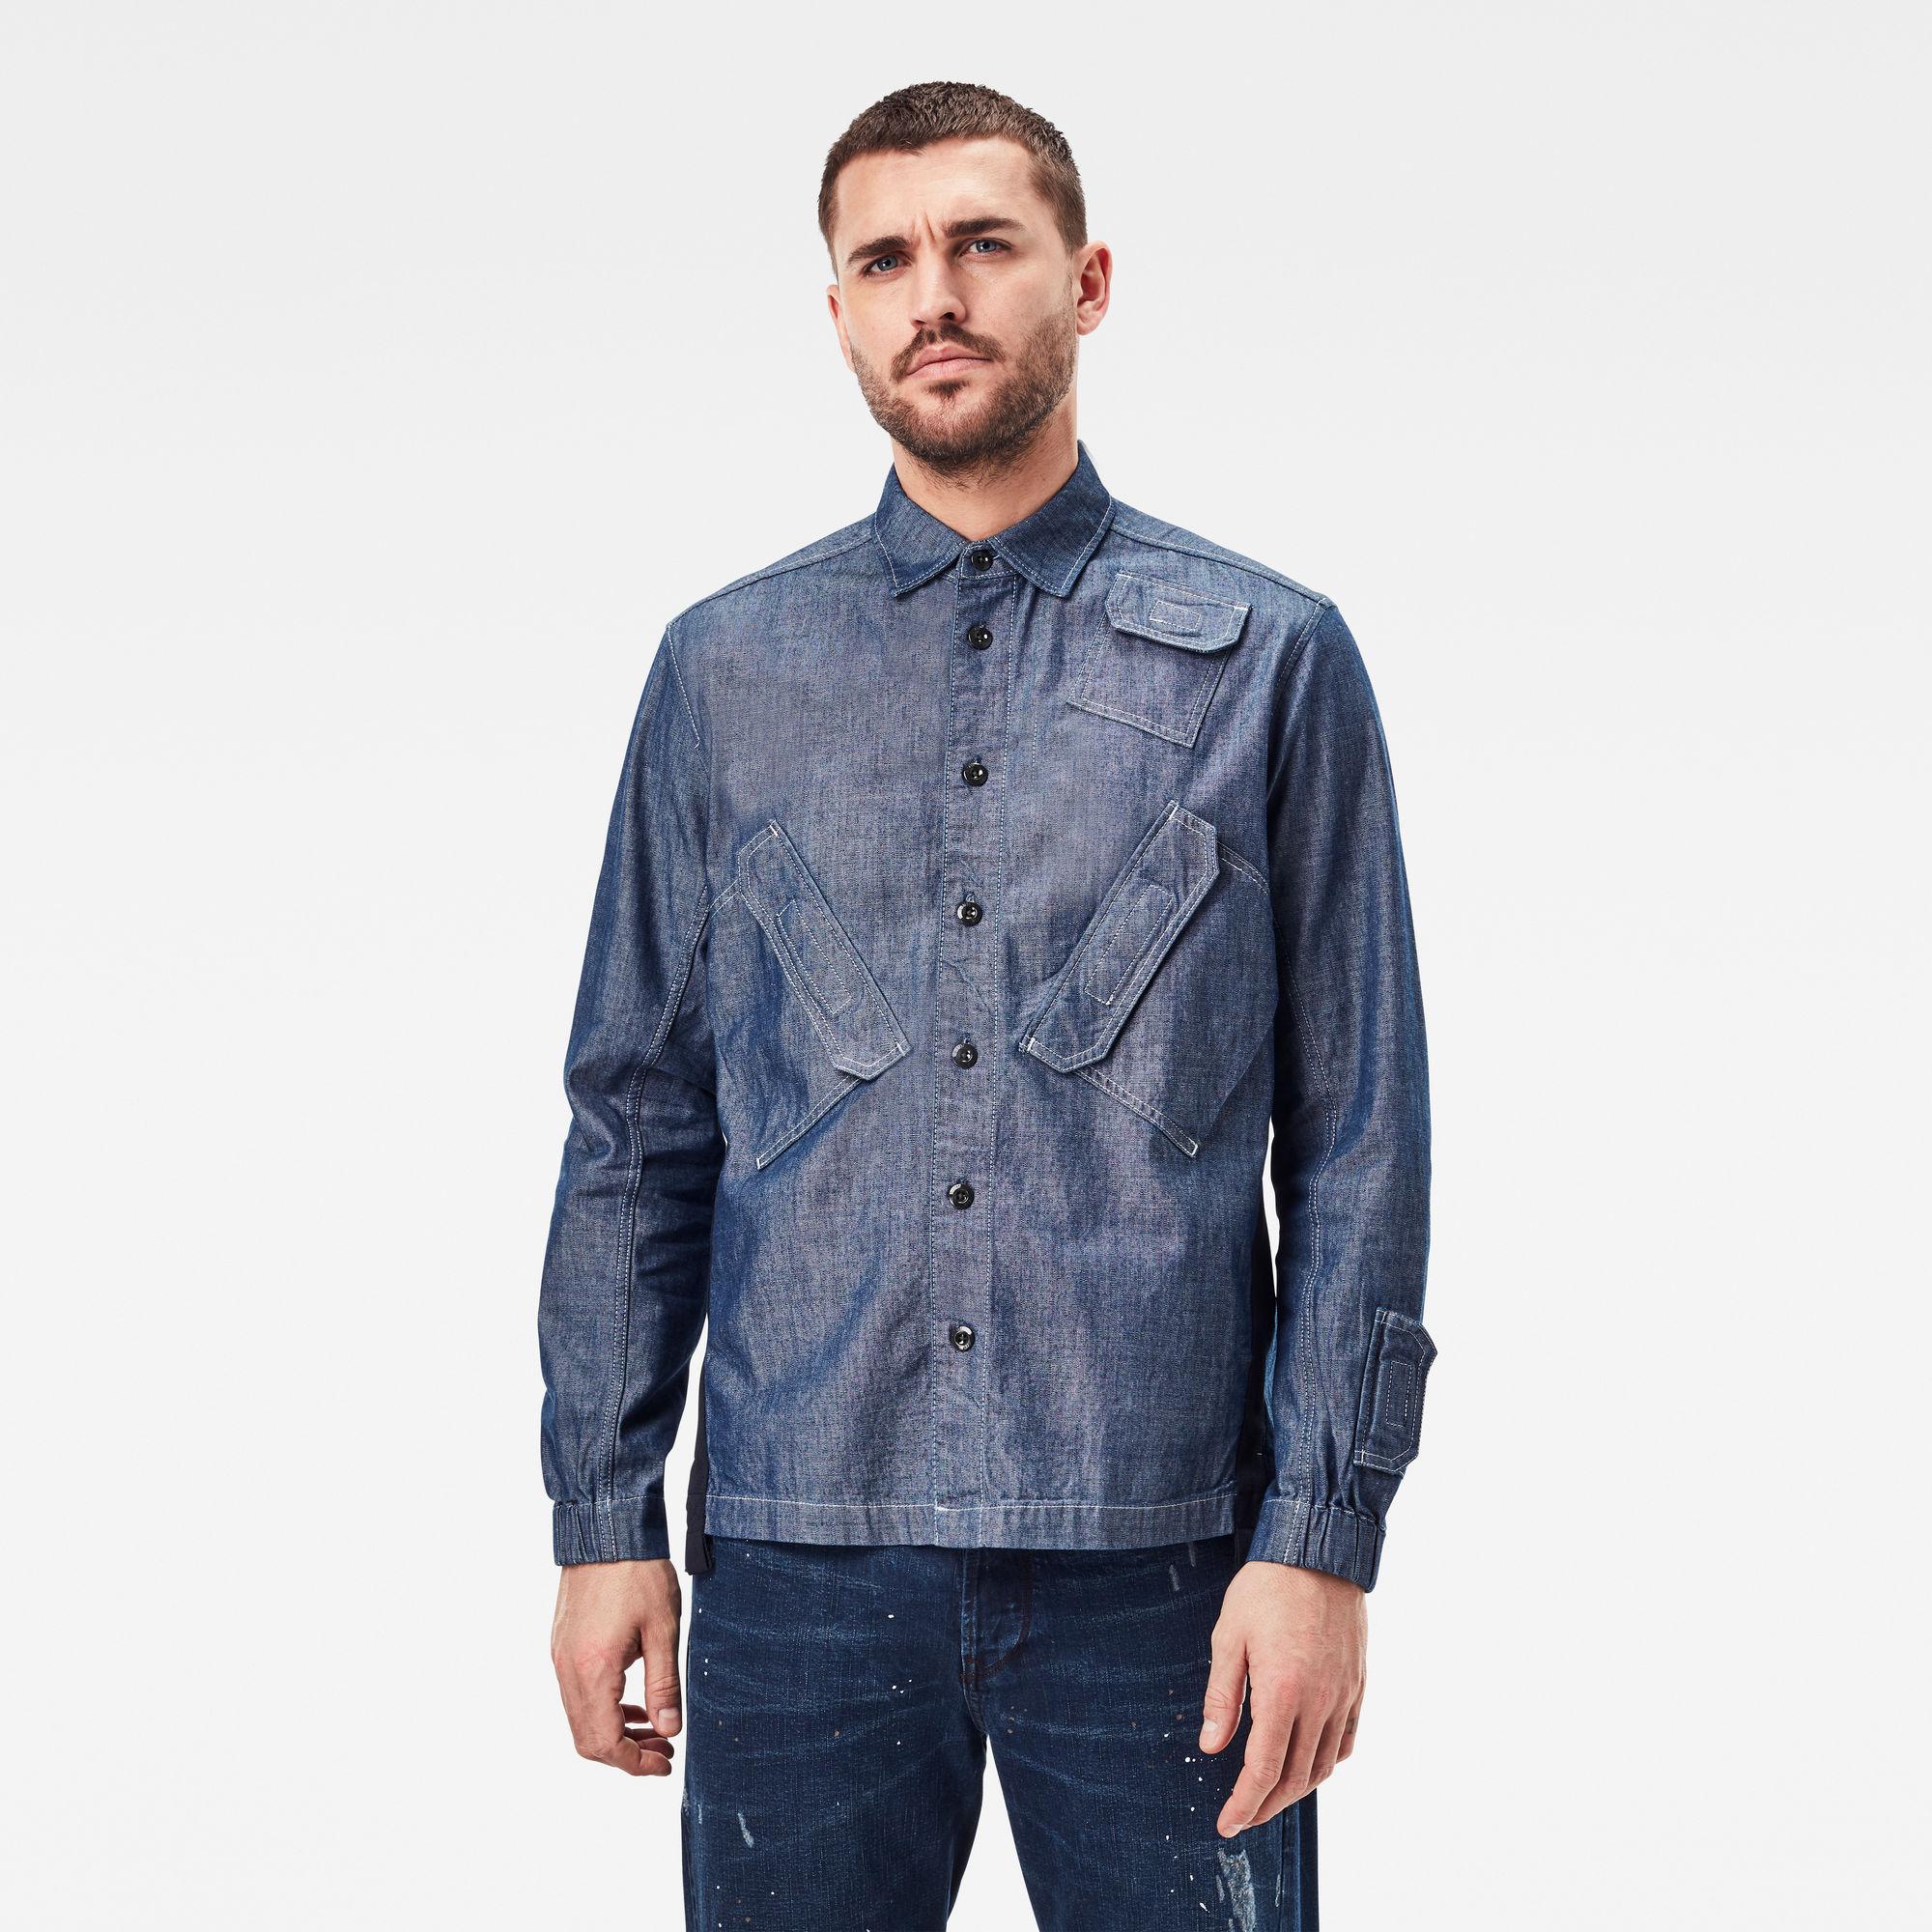 G-Star RAW Heren Multi Slant Pocket Relaxed Shirt Donkerblauw